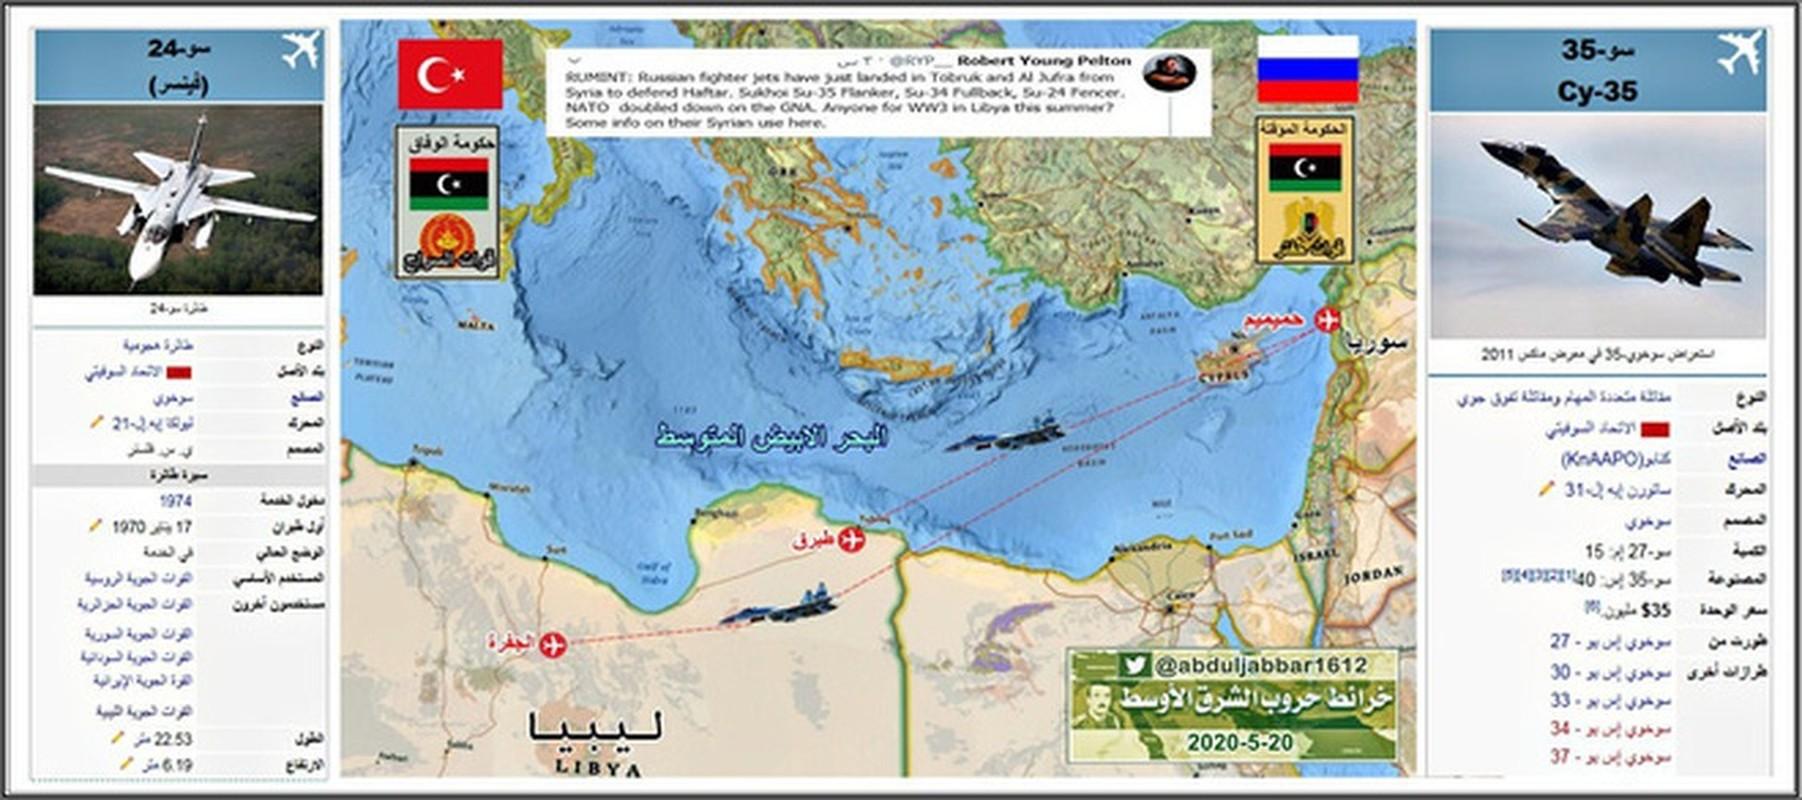 Nhieu loan thong tin may bay khong quan Nga tham chien o Libya-Hinh-2